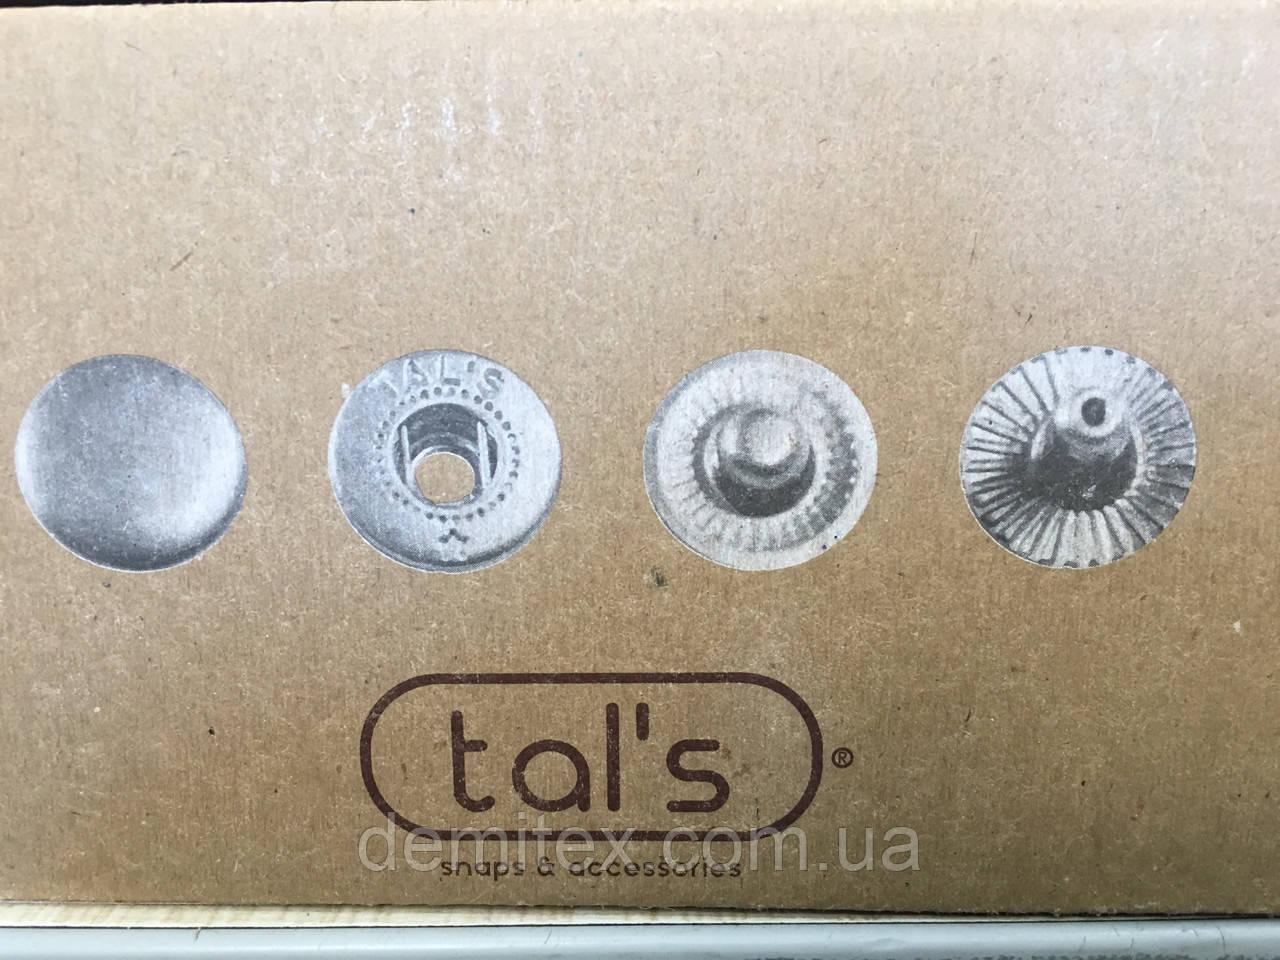 Кнопка одёжная Tals 54 (12,5мм)  черный никель